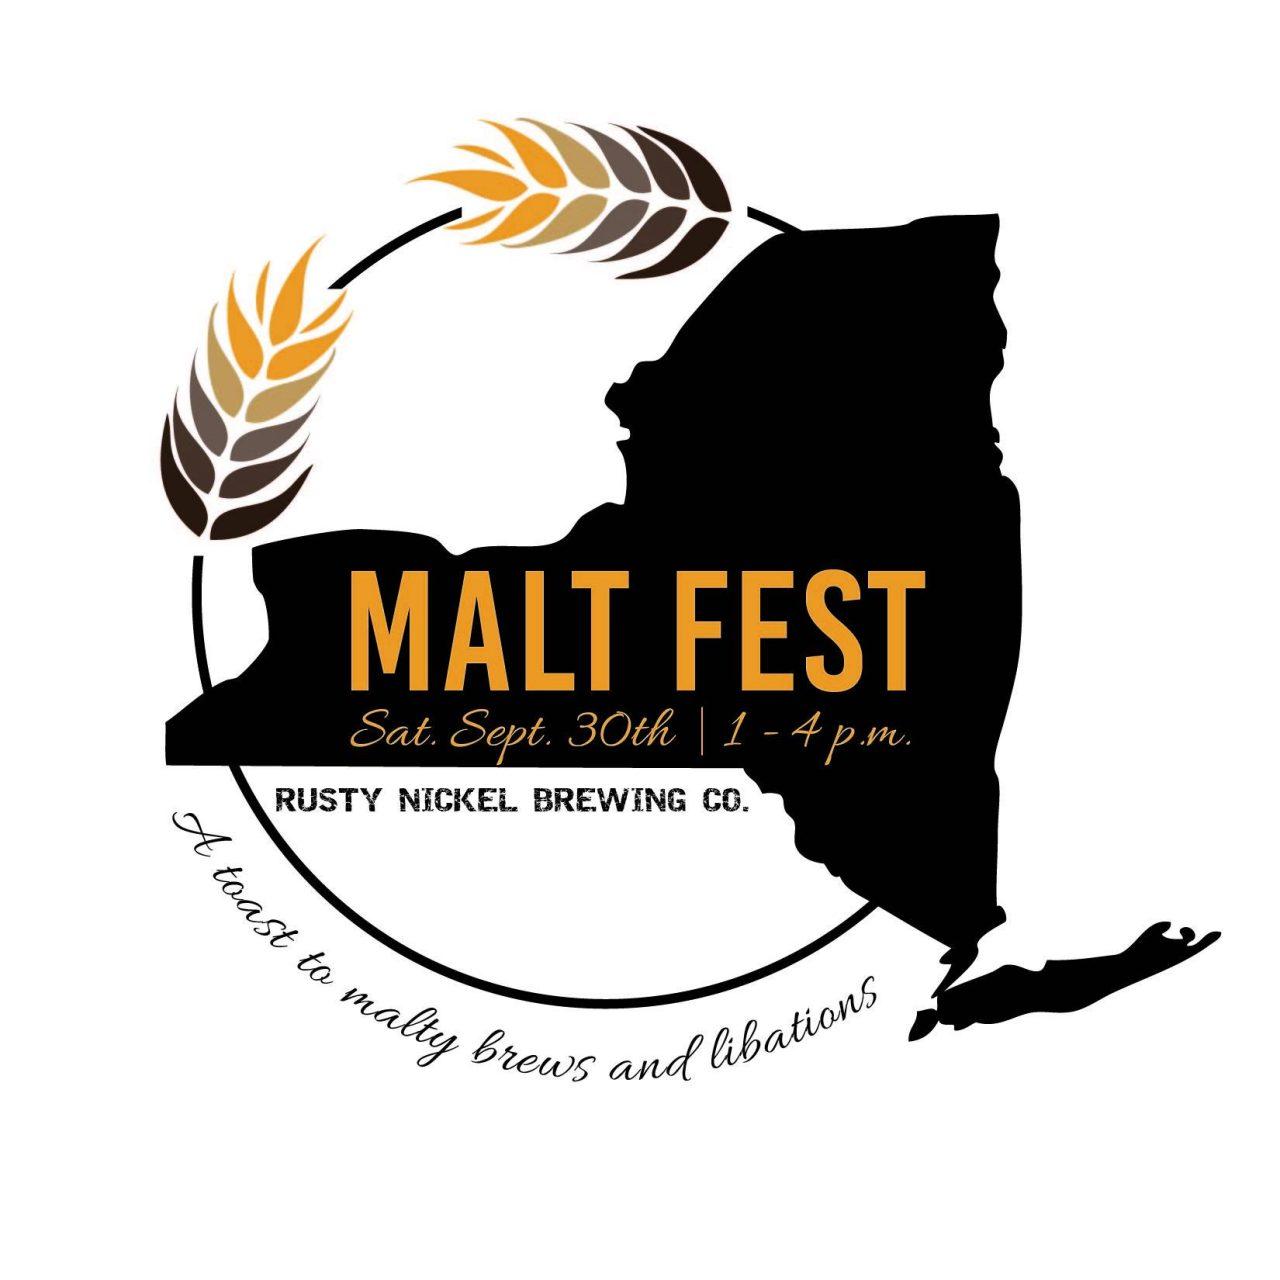 1st Annual Malt Fest - Rusty Nickel Brewing Company